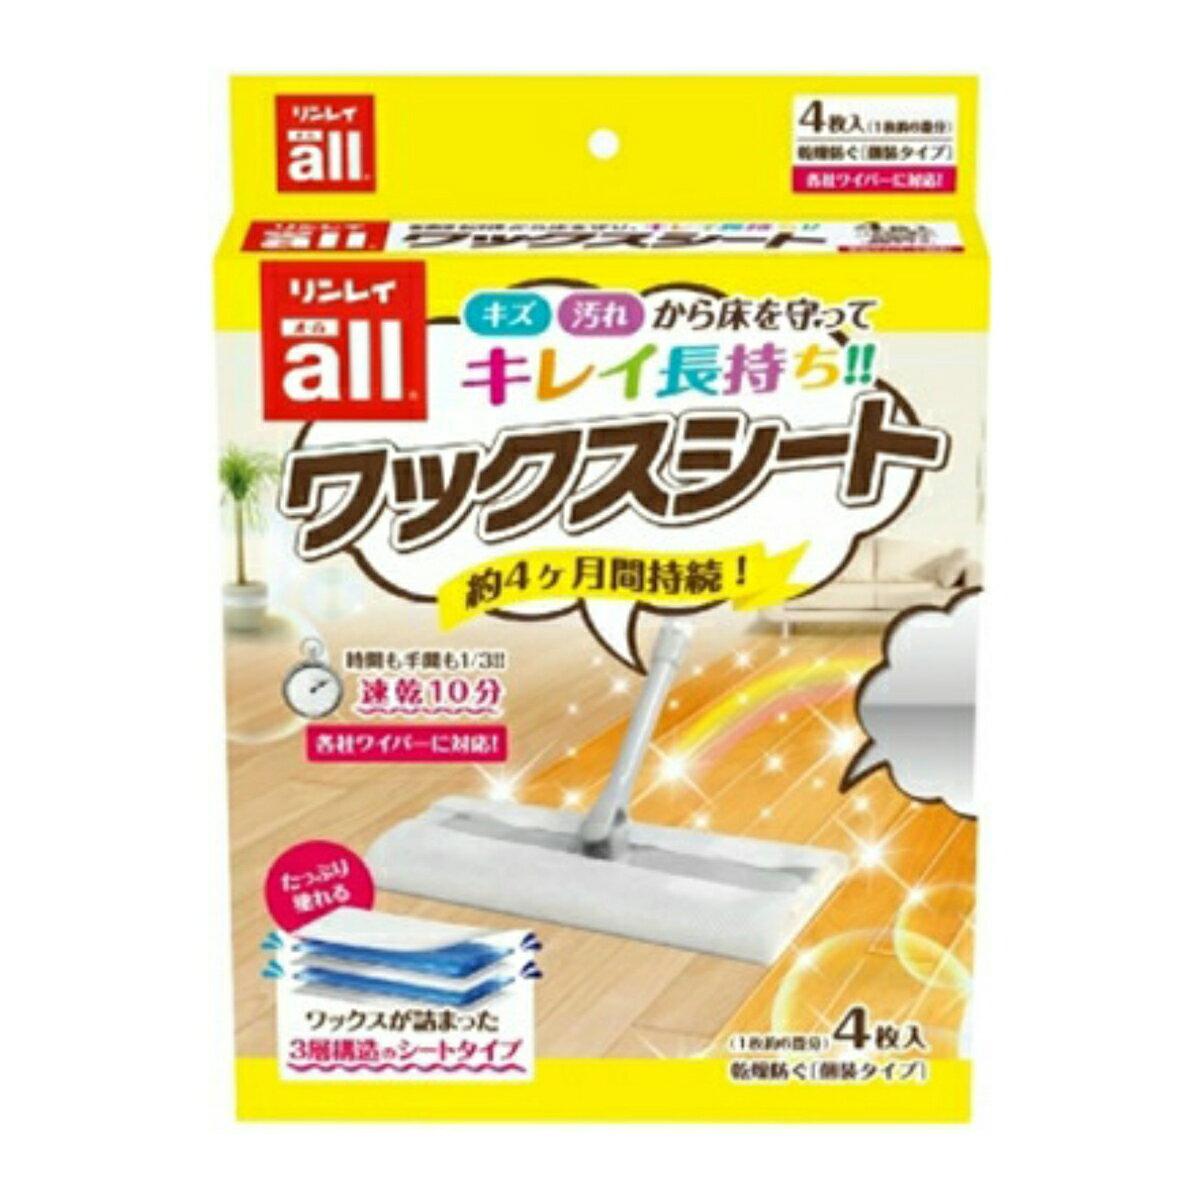 【リンレイ】【オール】オールワックスシート 4枚入り ワックス効果4ヶ月 10分で乾燥 ( 掃除 床 all ) ( 4903339984064 )